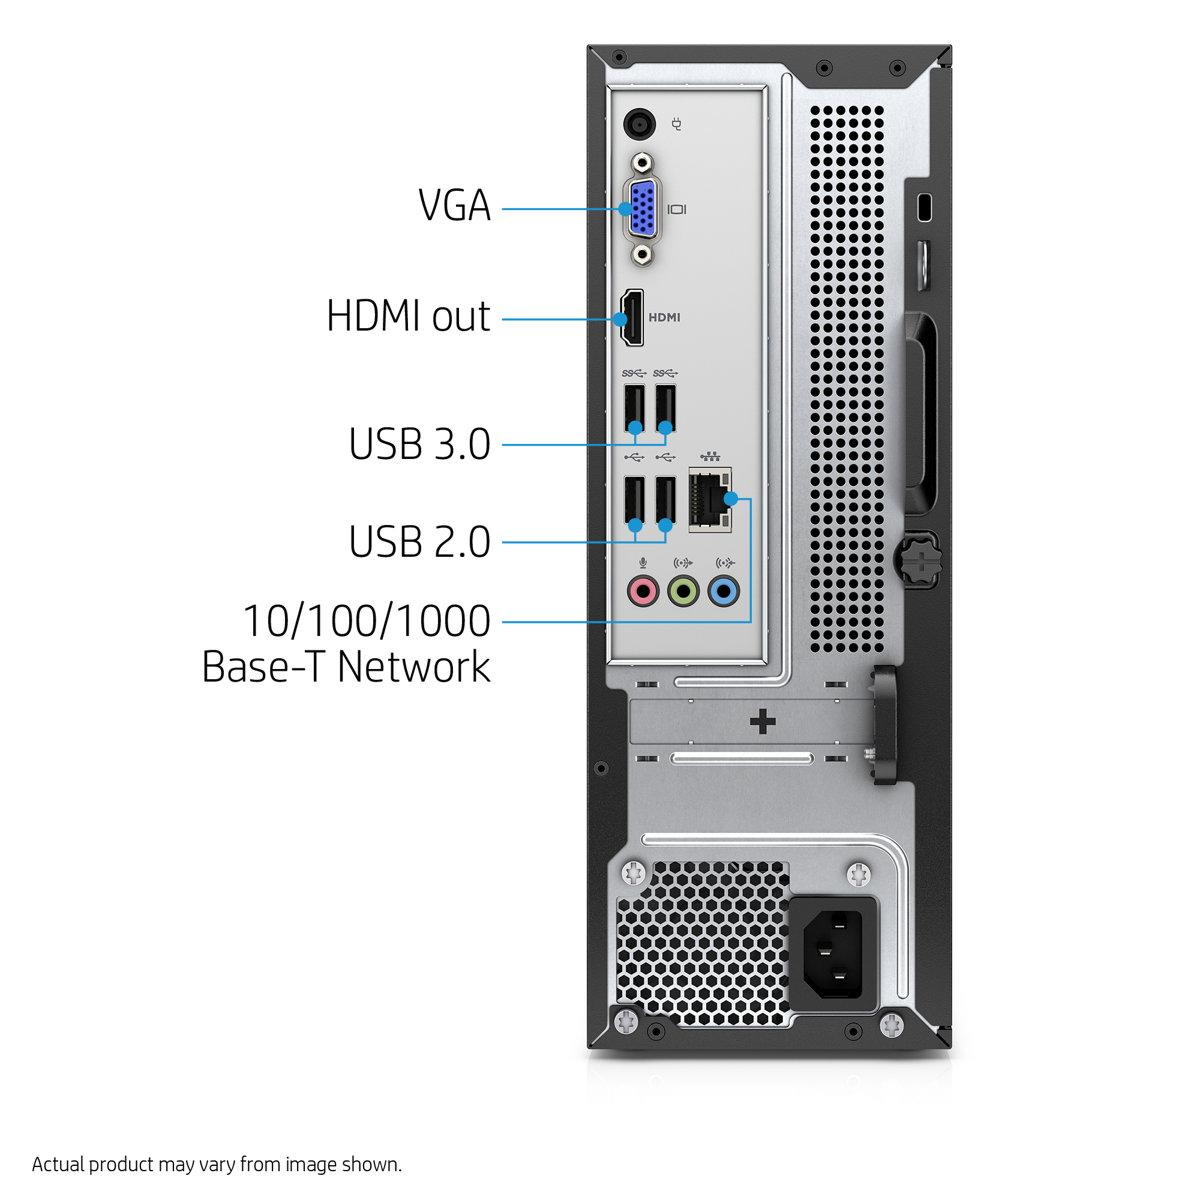 diapositiva 1 de 5, muestra la imagen más grande, escritorio hp slimline - 270-a010